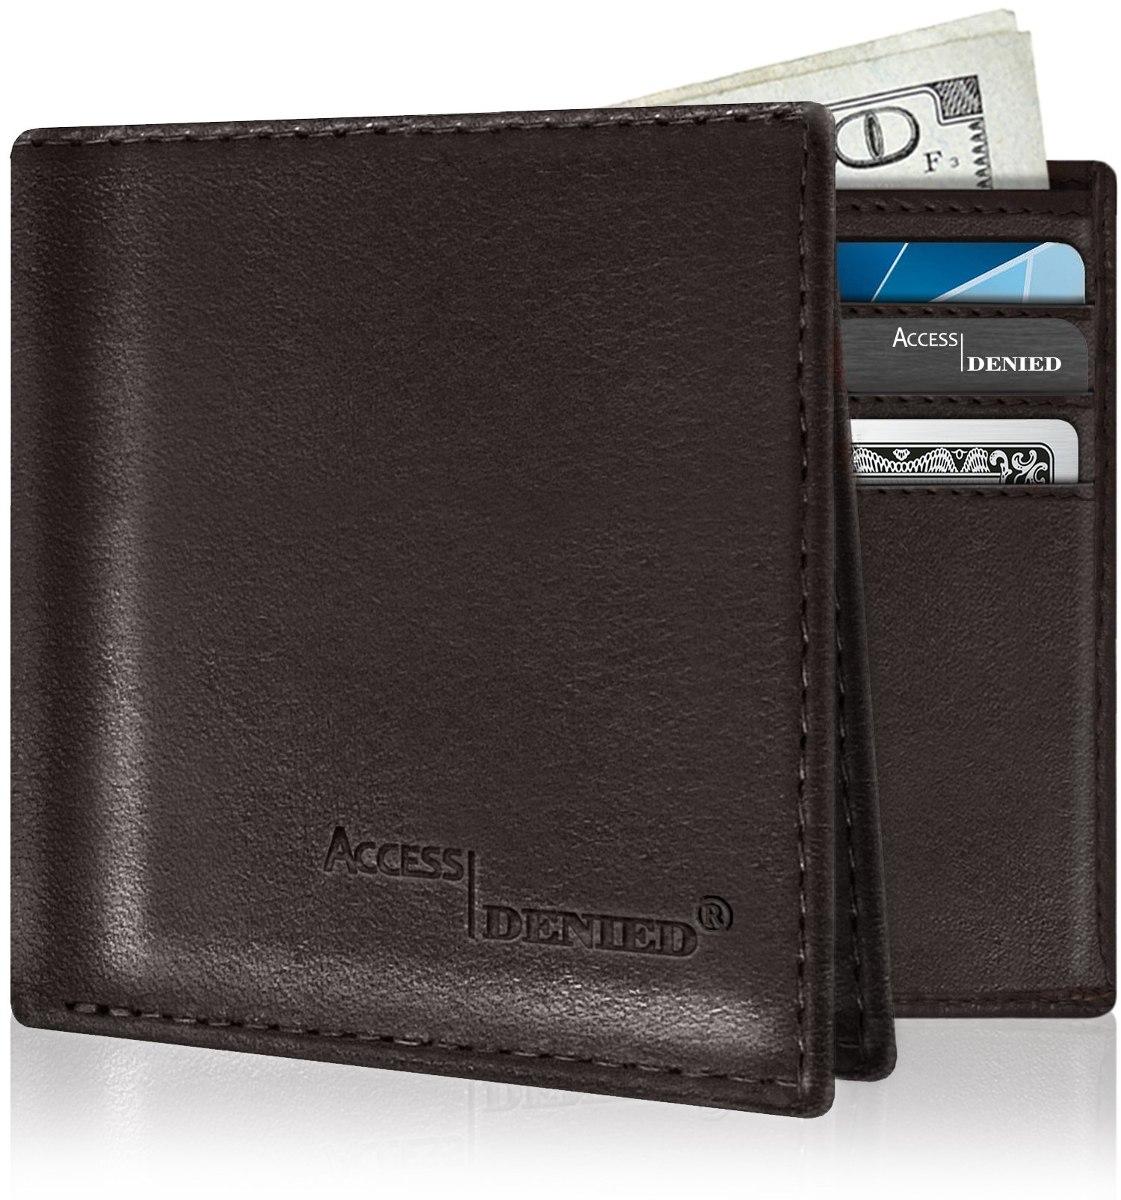 d64c8c34a plegable de cuero billeteras para hombres - rfid bloqueo de. Cargando zoom.